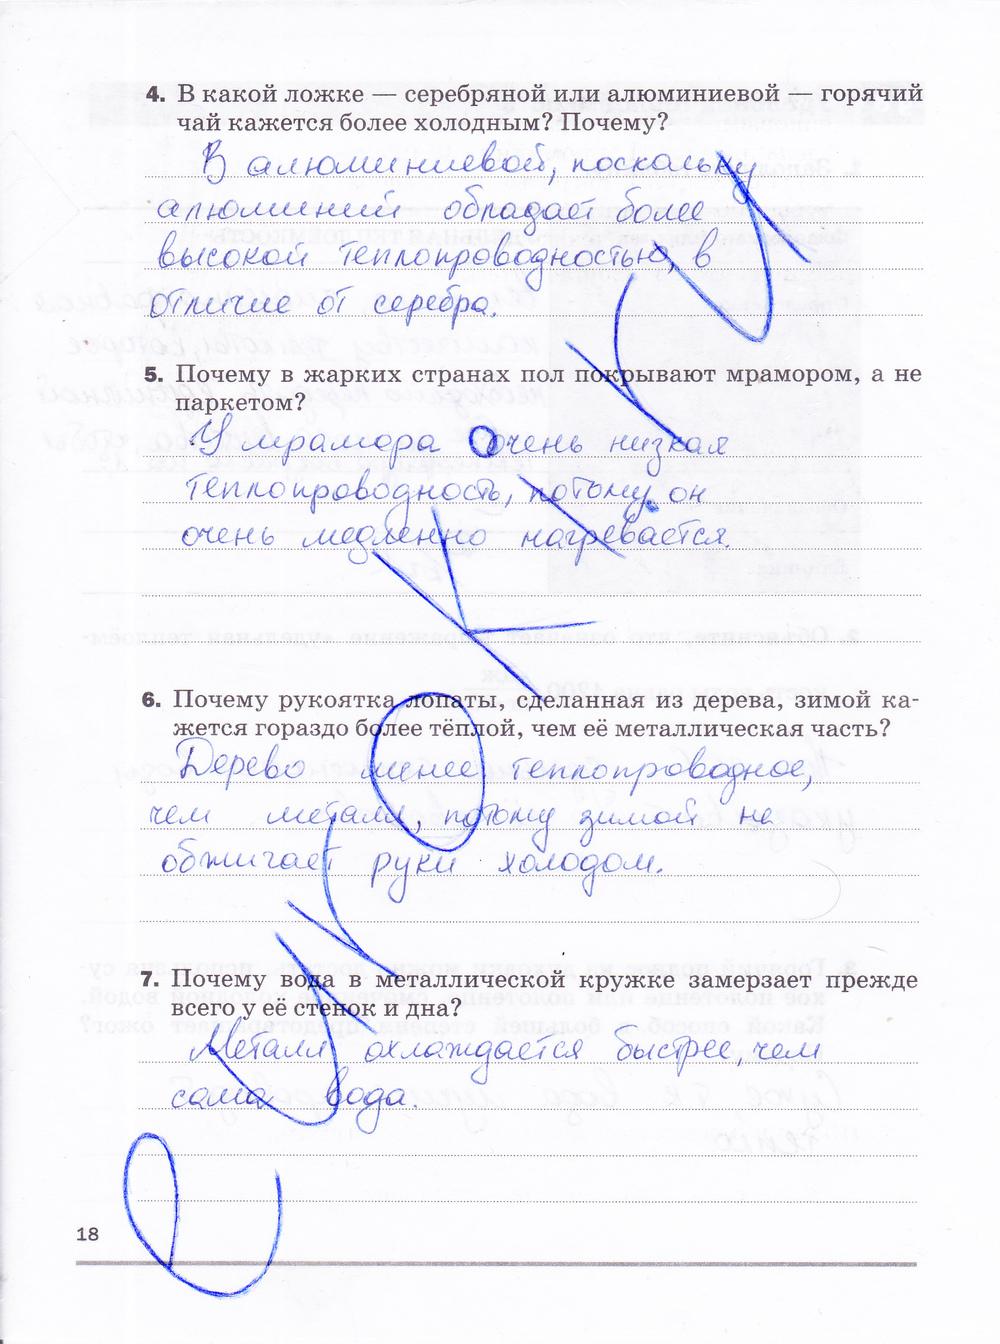 Решебник по тетради физика 7 класс касьянов дмитриева